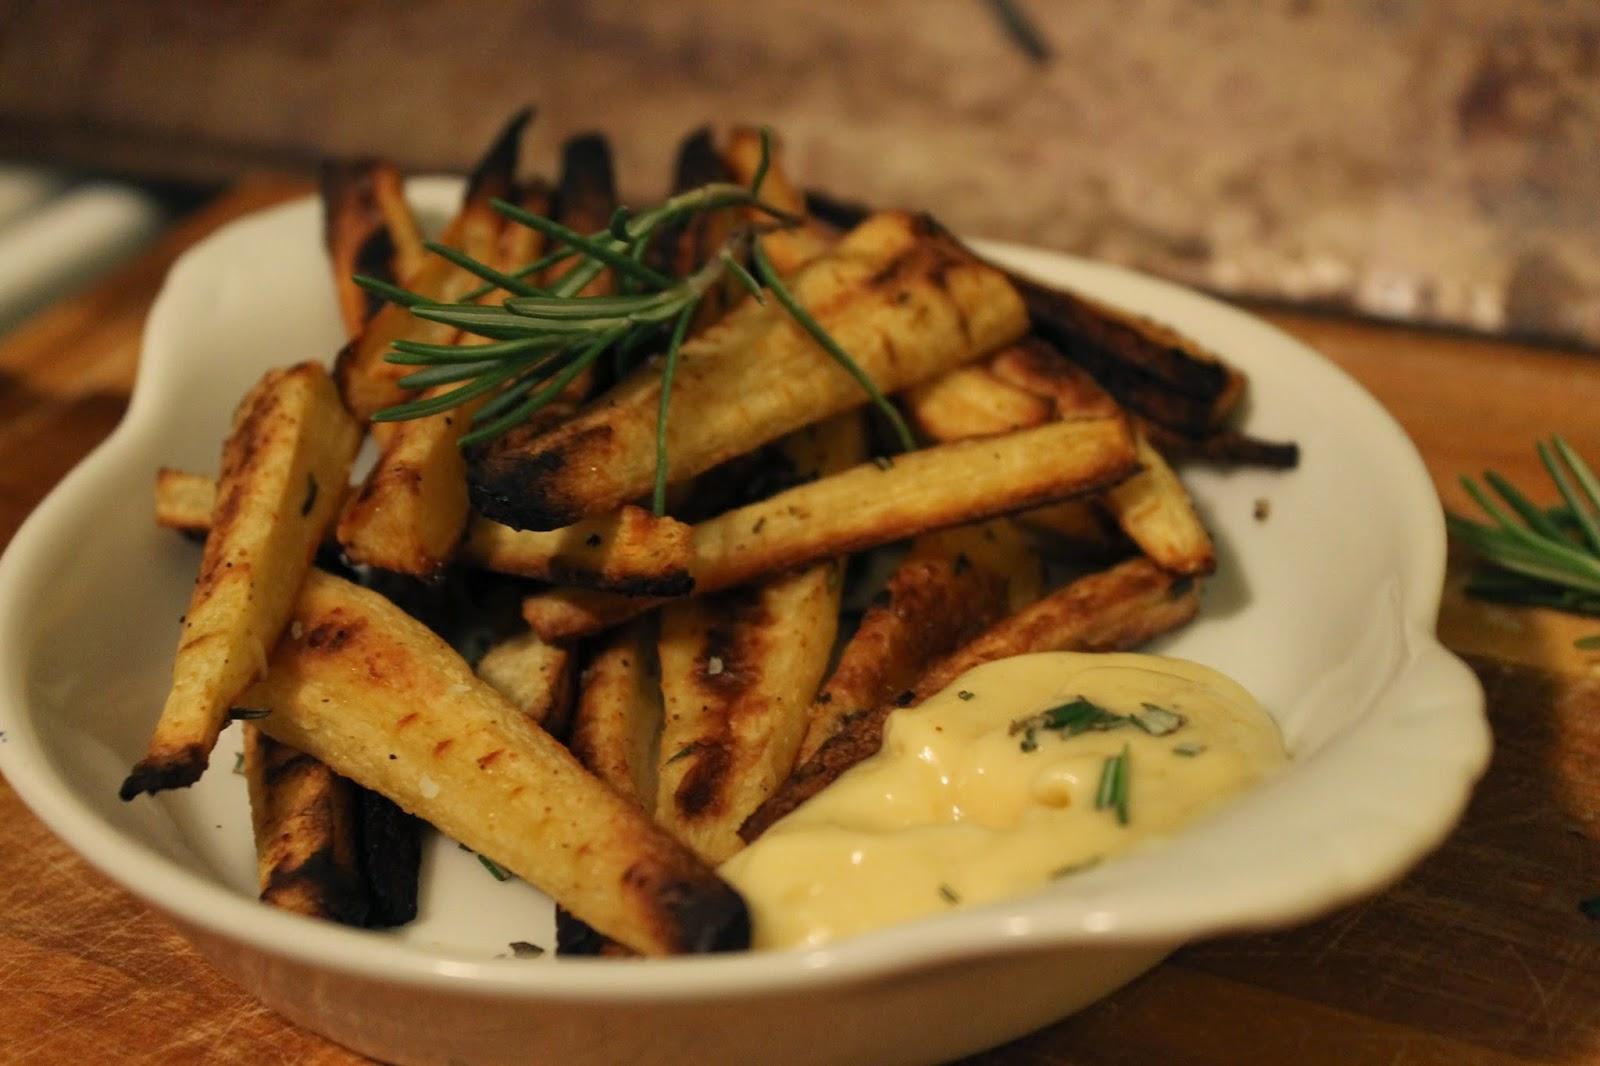 Rosemary & Garlic Parsnip Fries